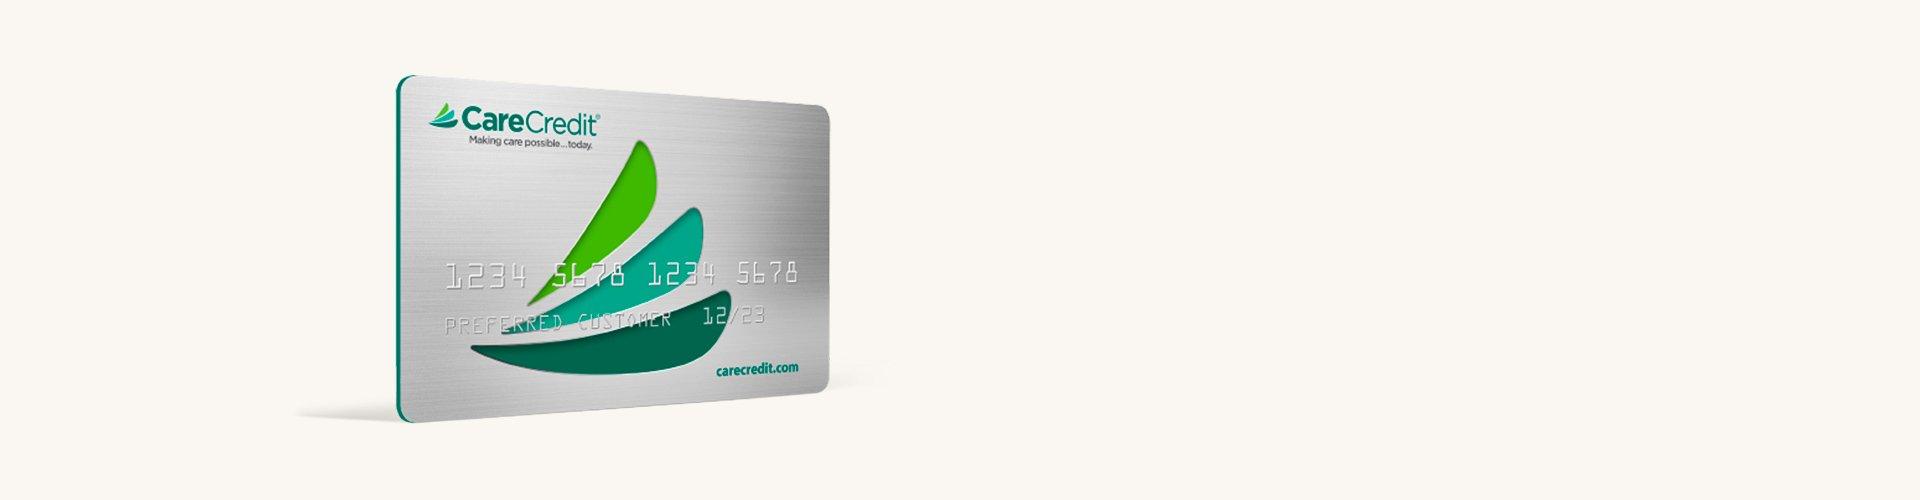 carecredit-card-angled_cream_slim